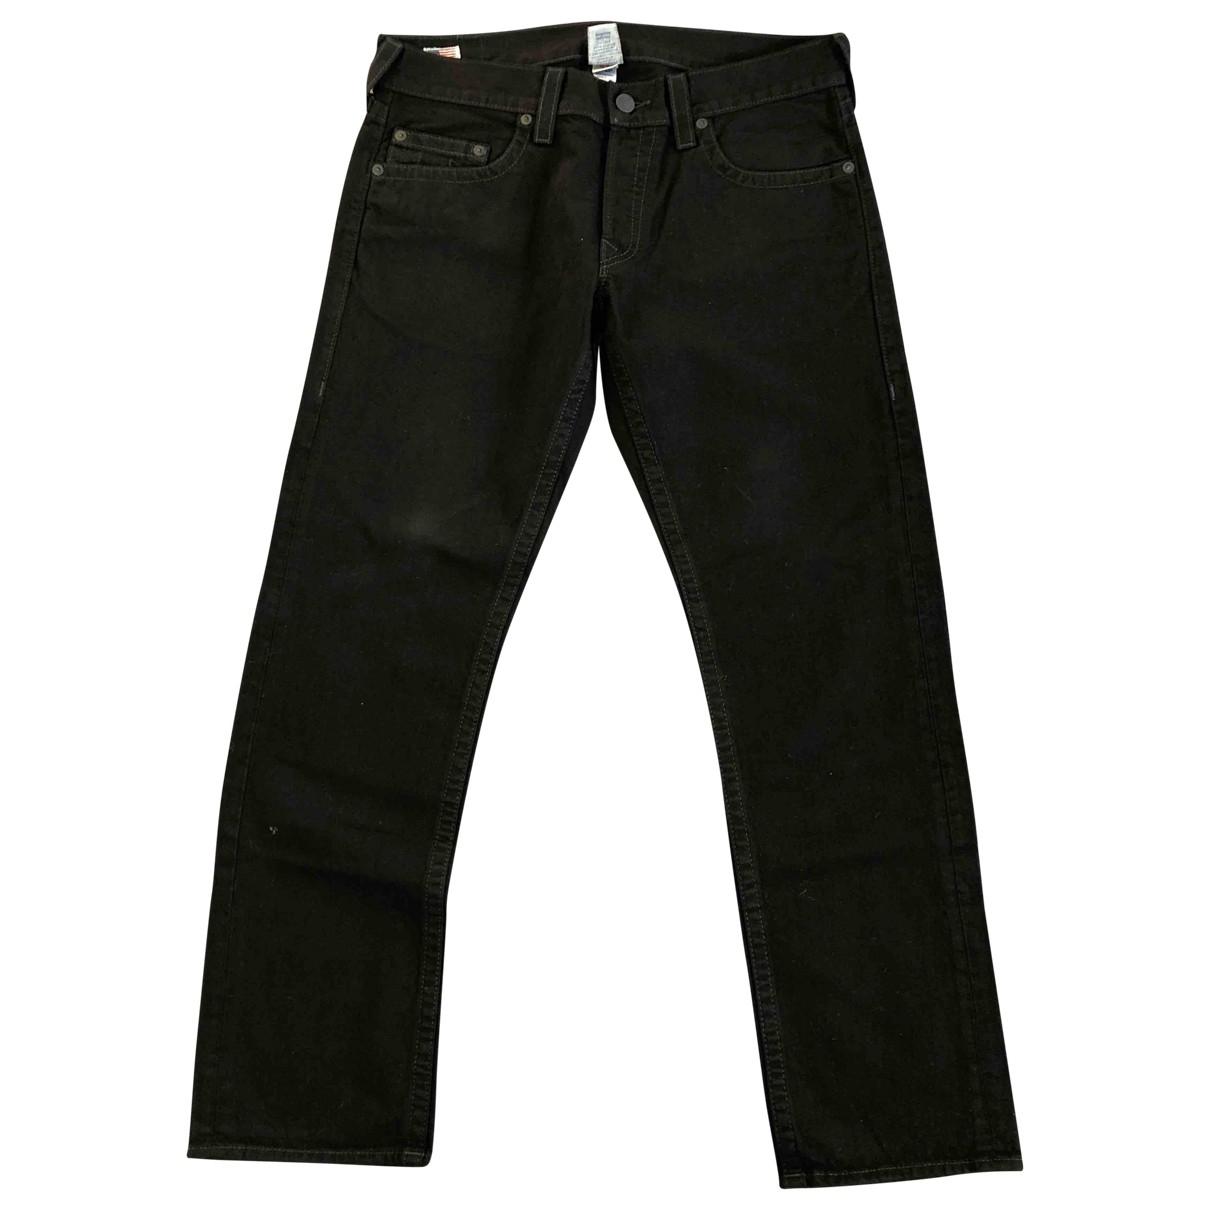 True Religion \N Black Cotton - elasthane Jeans for Men 36 US